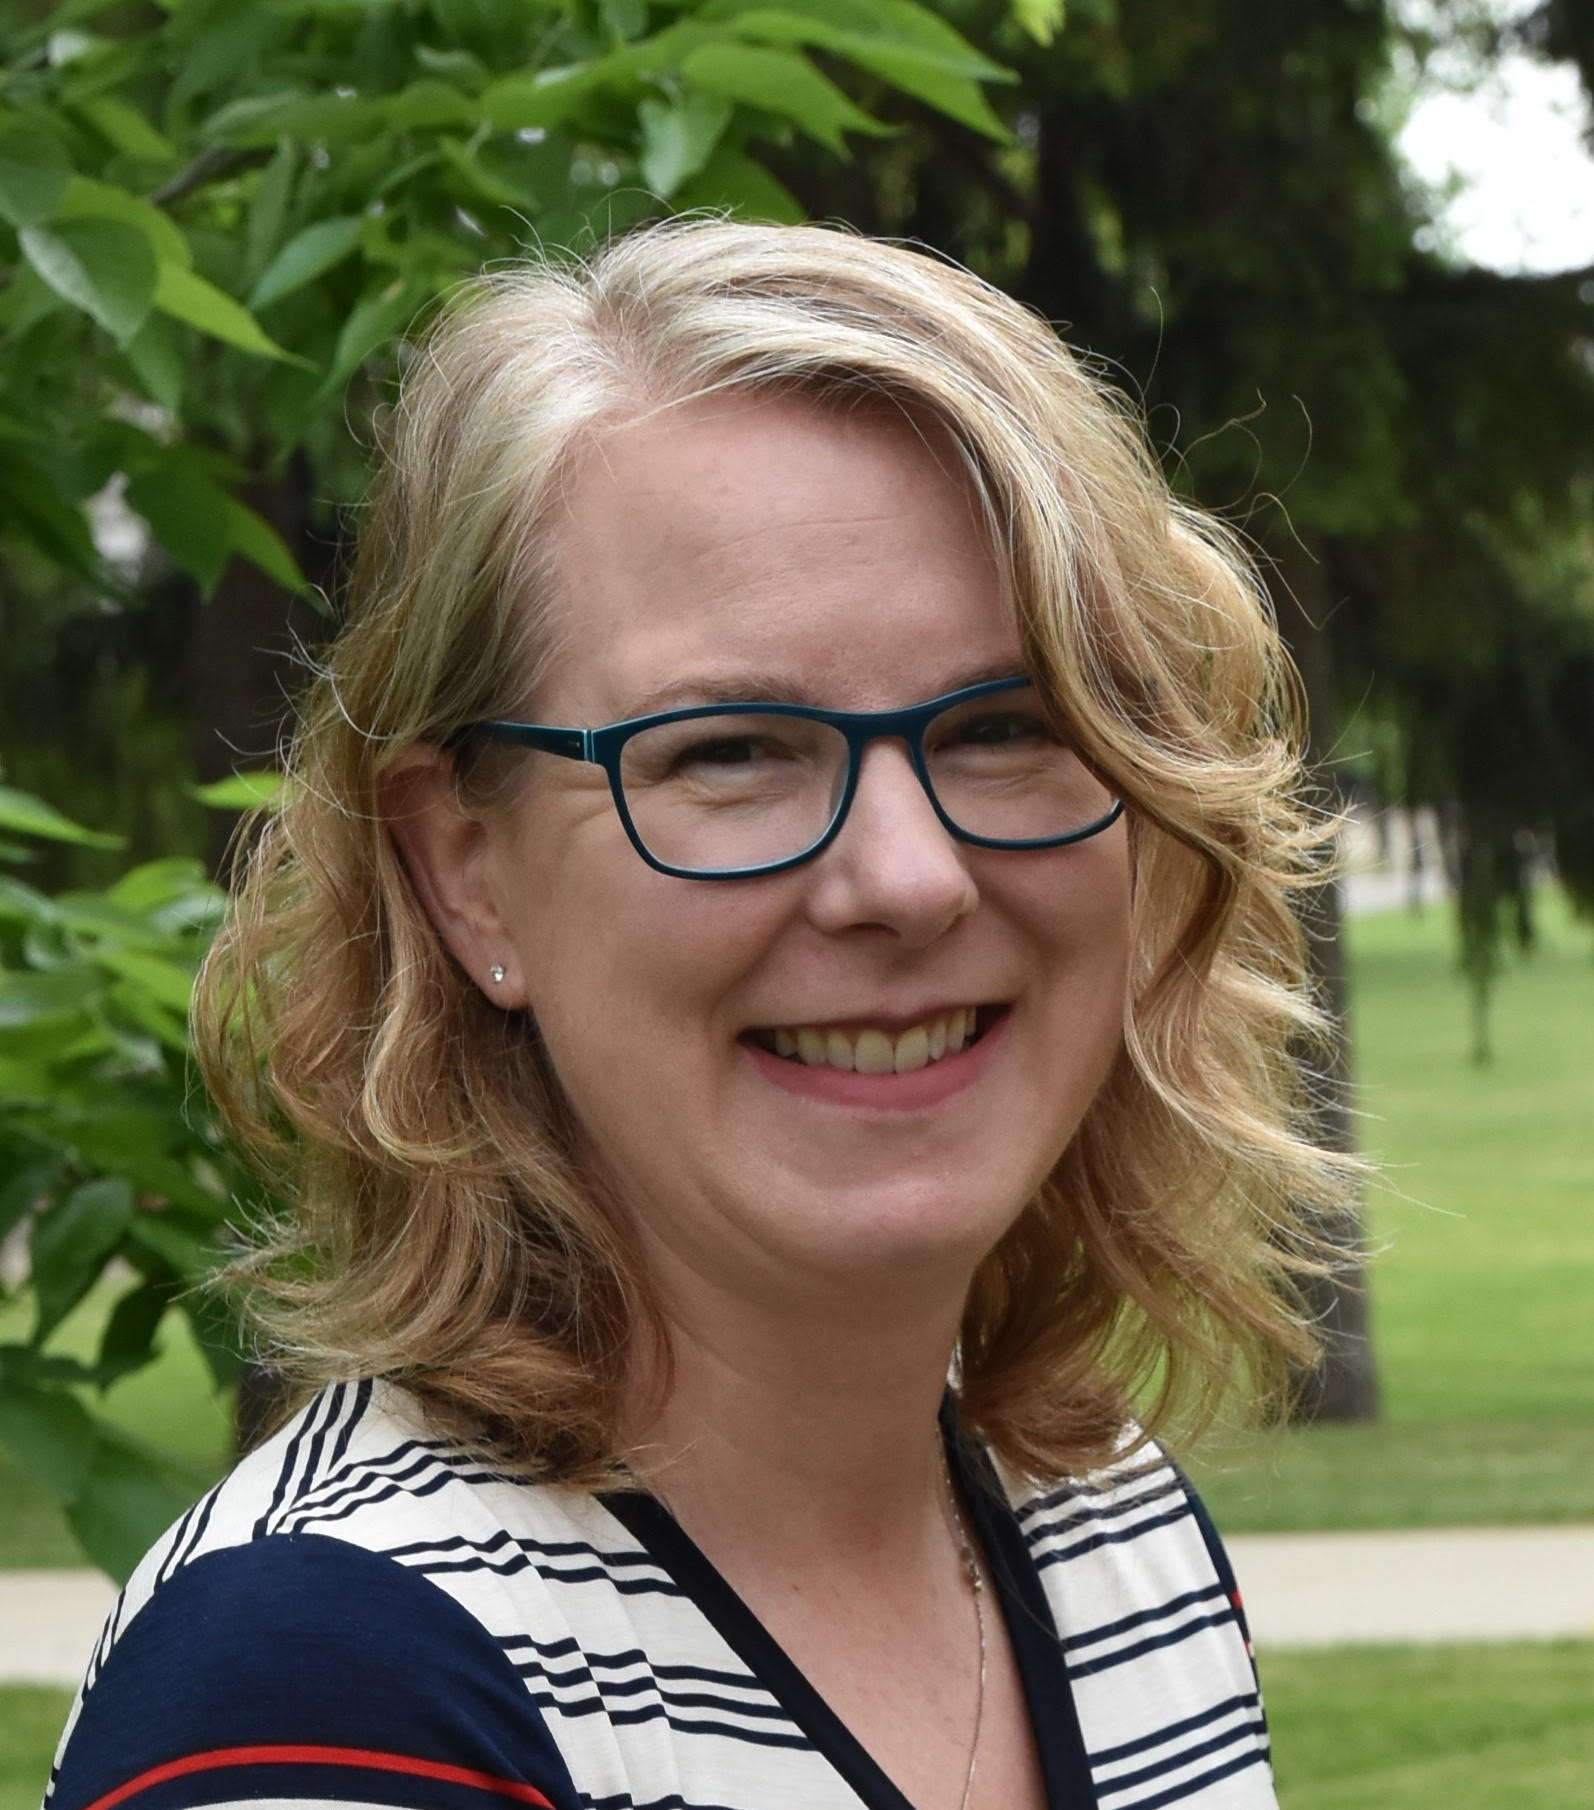 Laura L. Van Eerd